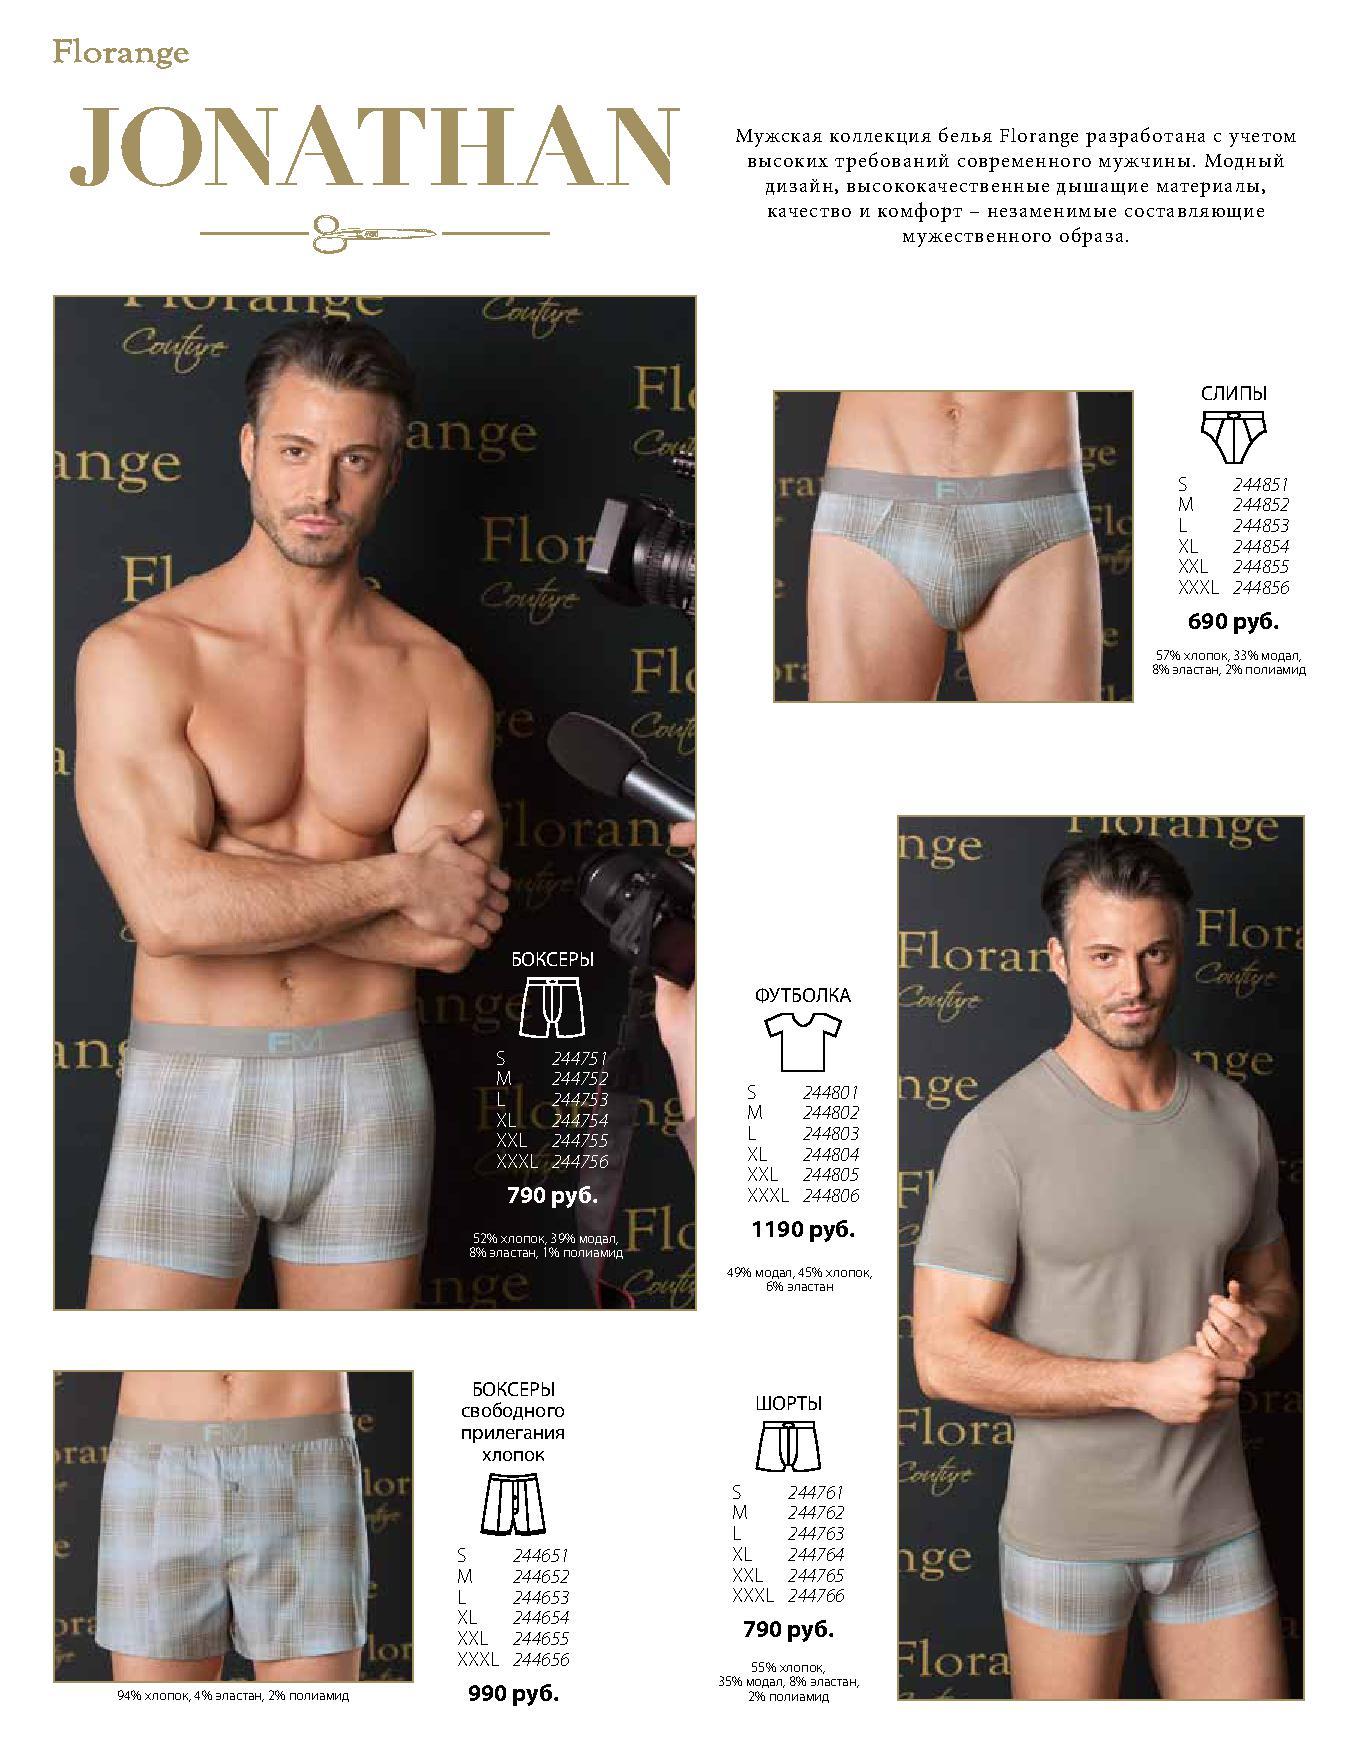 Флоранж комплект Джонатан: футболка, боксеры, шорты, слипы